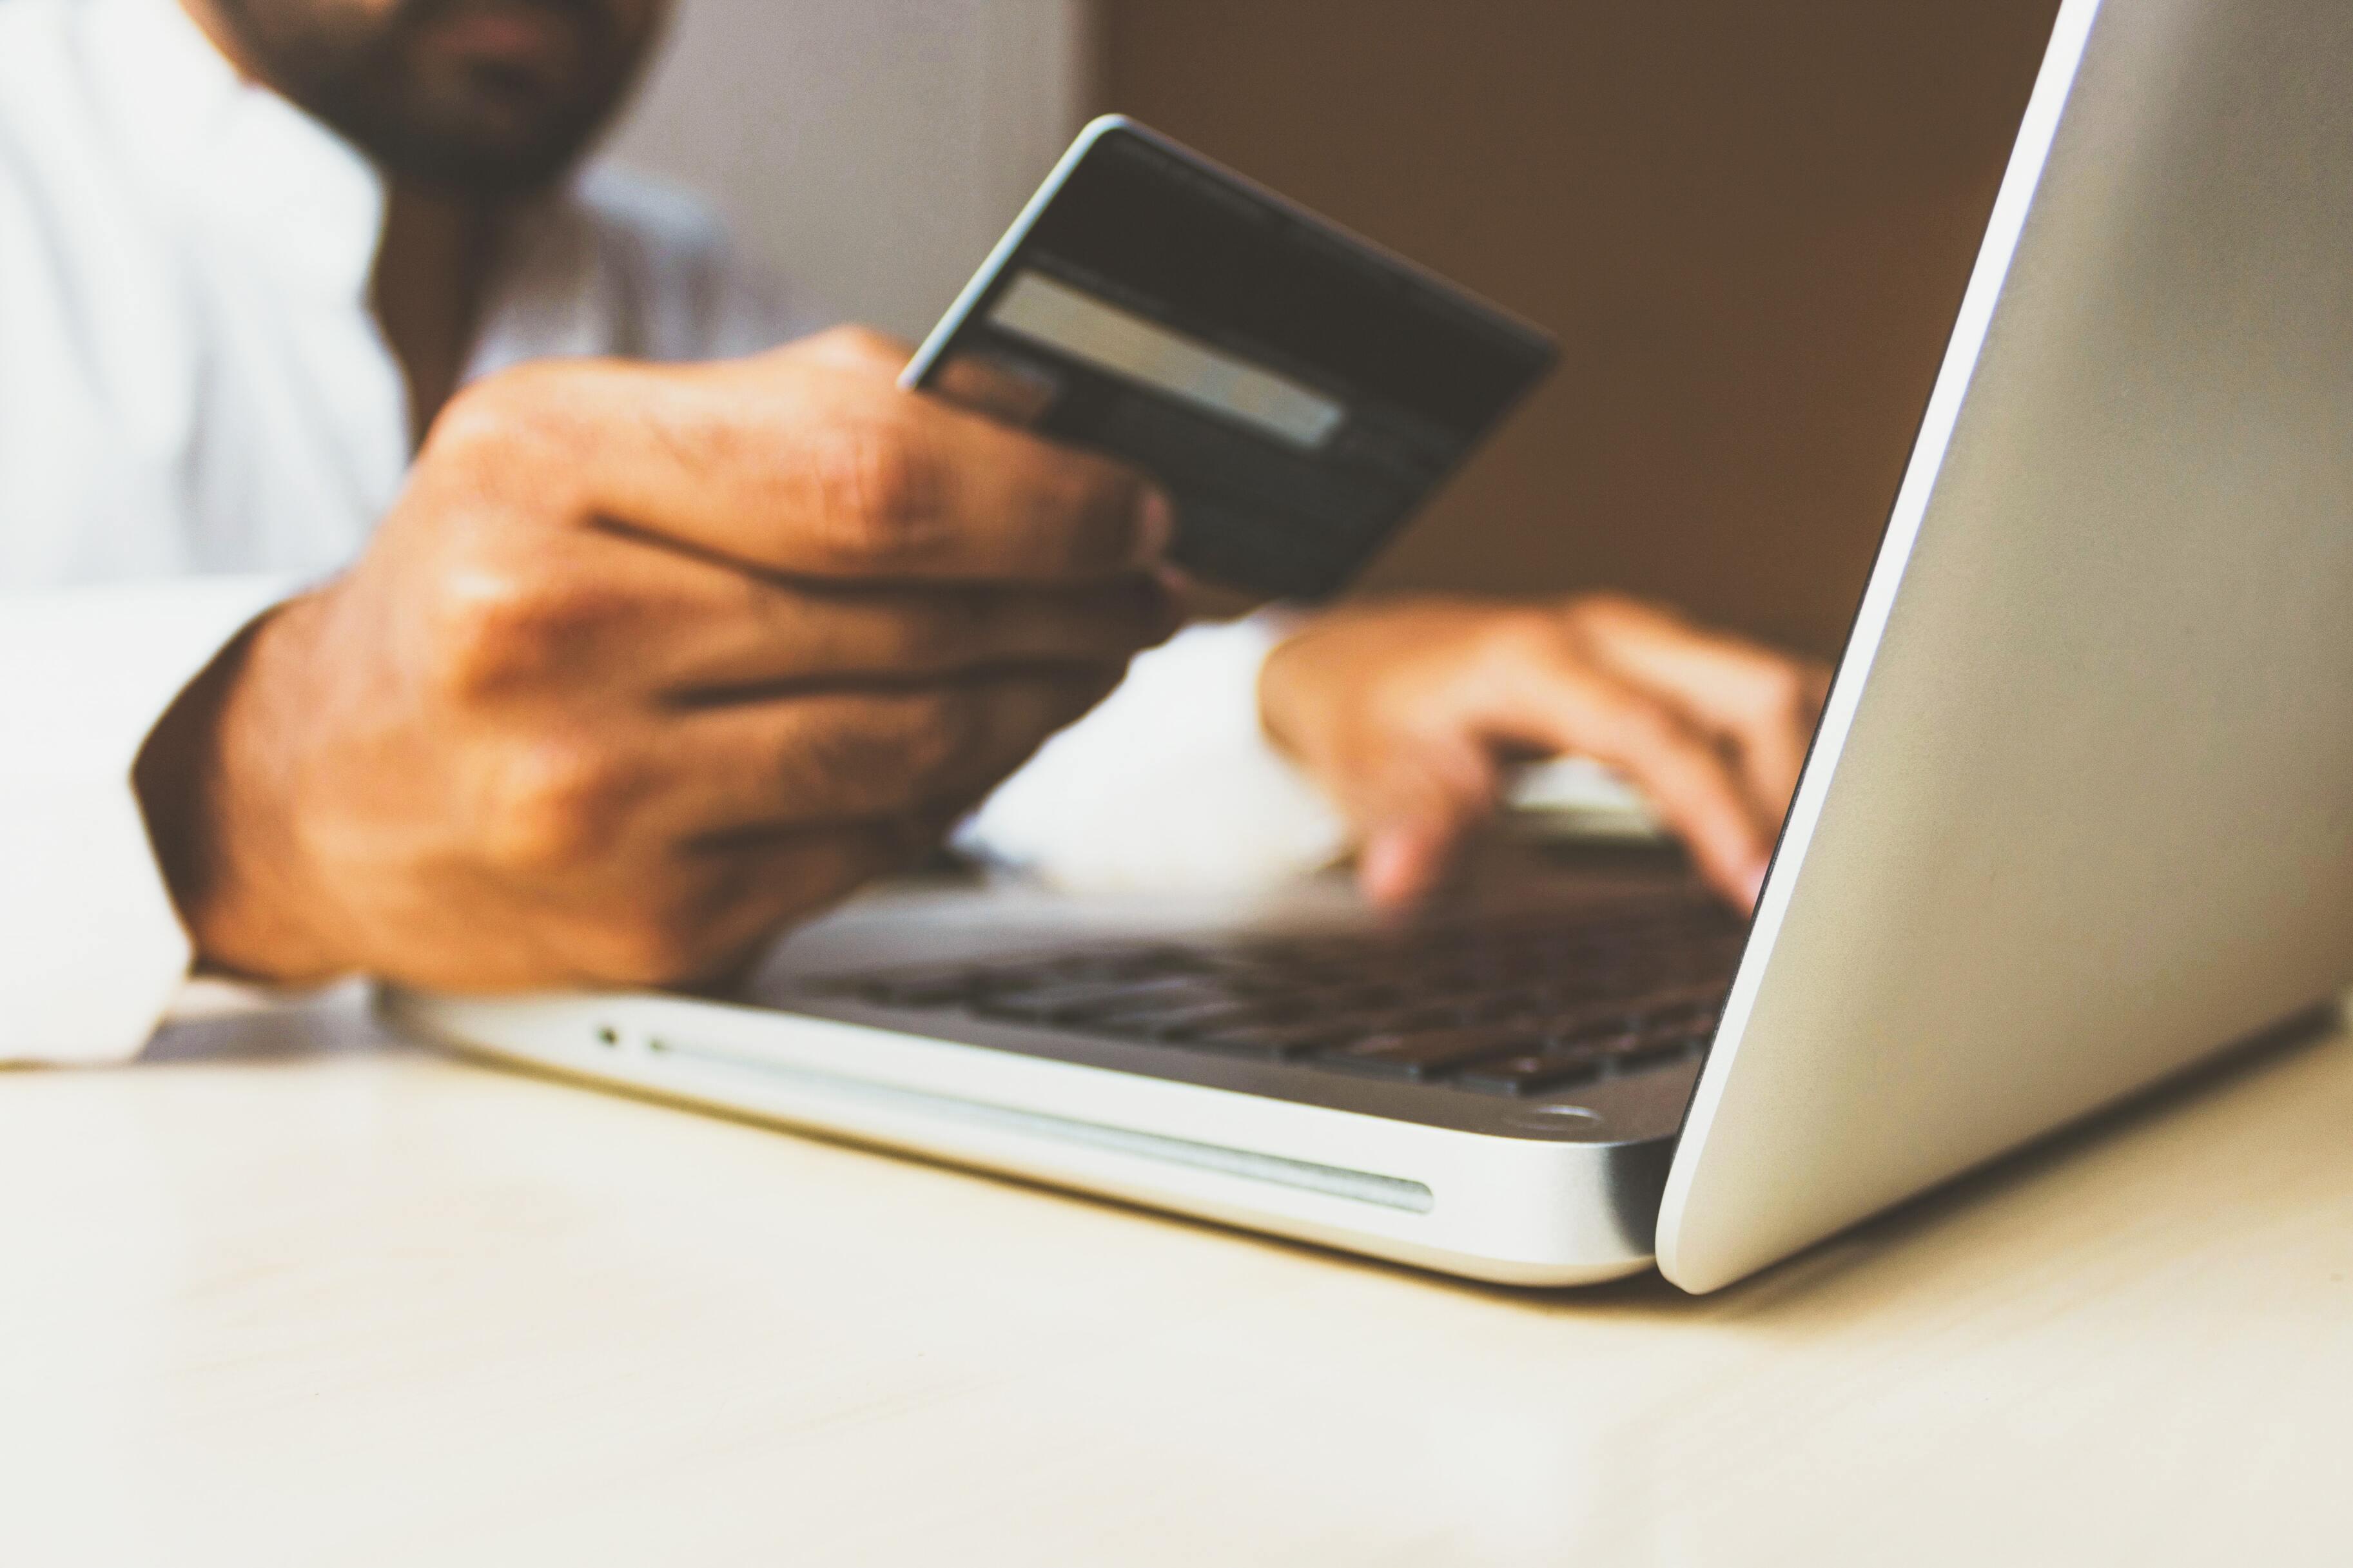 Россиянам упростят споры с интернет-магазинами из-за плохих покупок